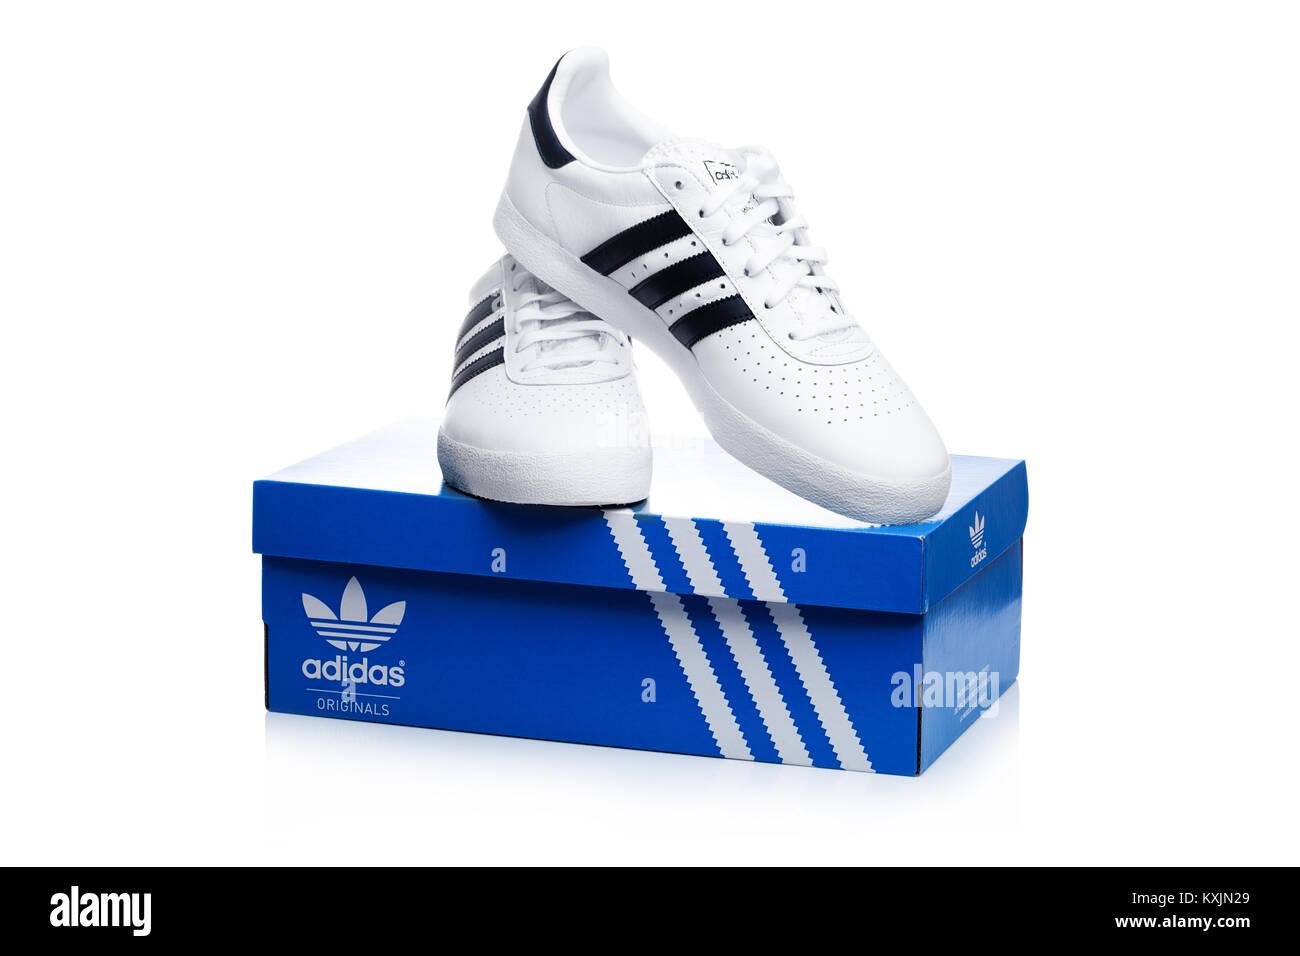 02 LondresReino Enero Adidas 2018Zapatos De Unido Originals A5RjL4